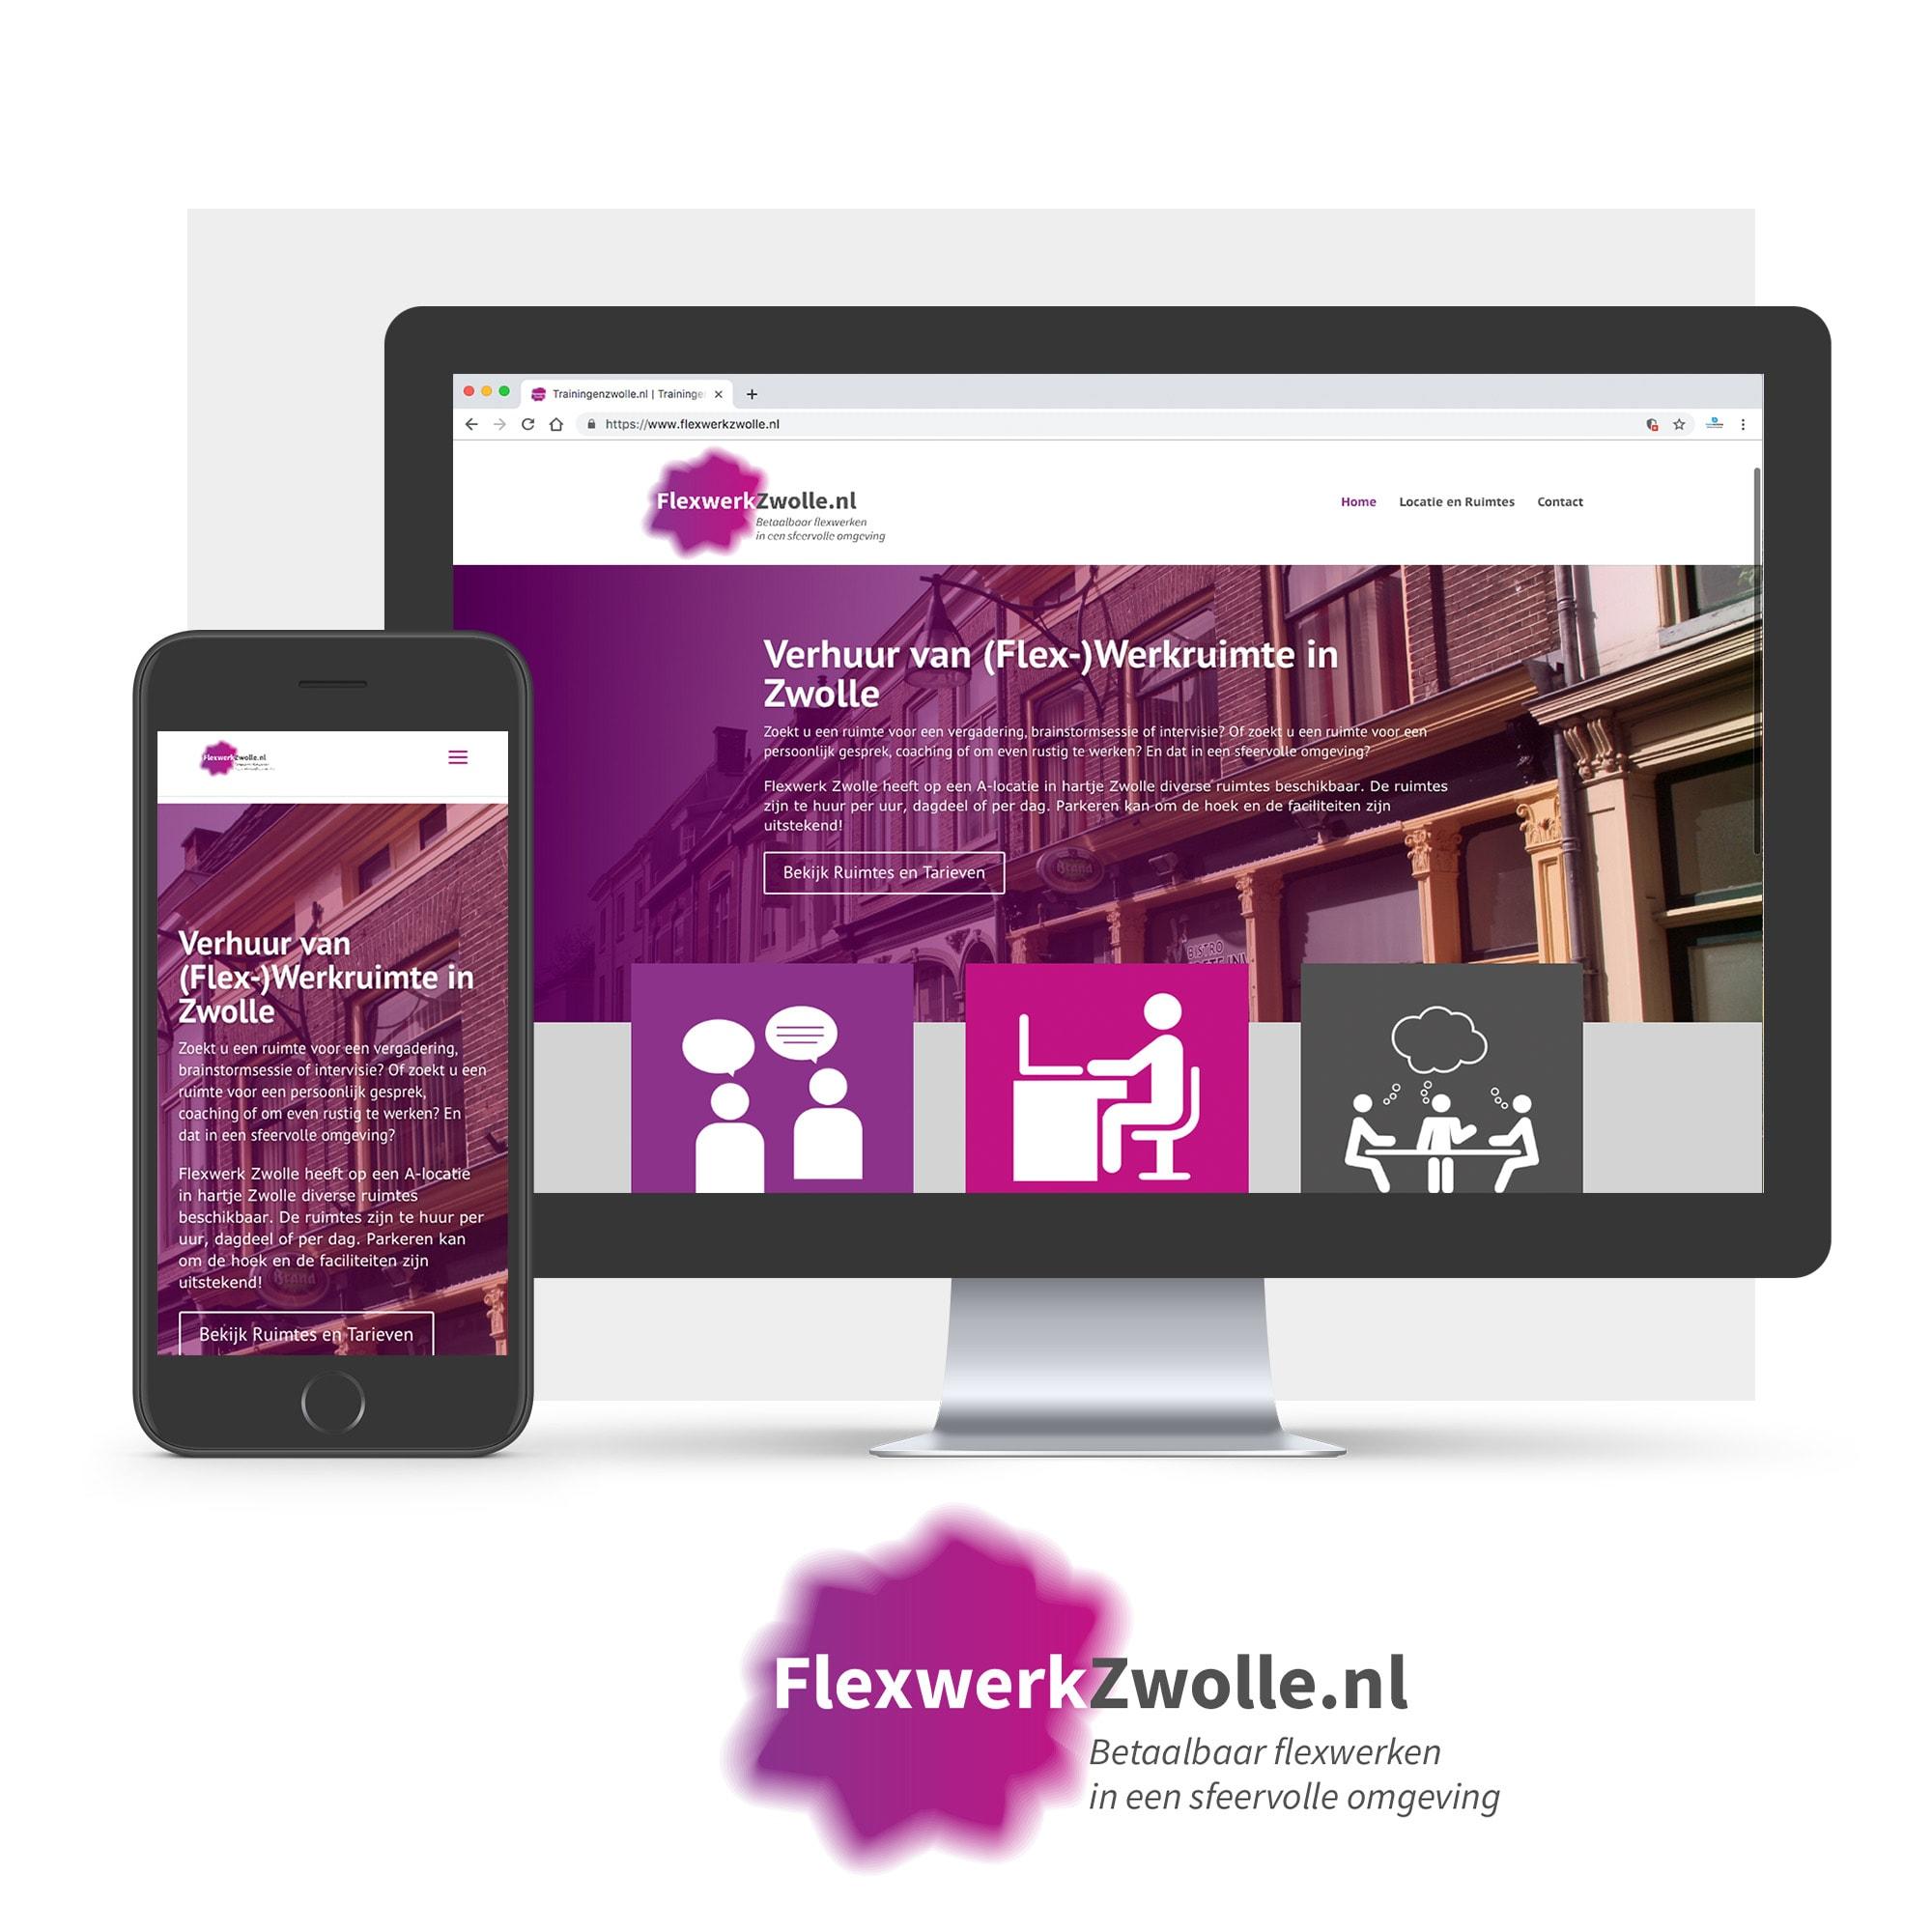 Mockup website flexwerkzwolle